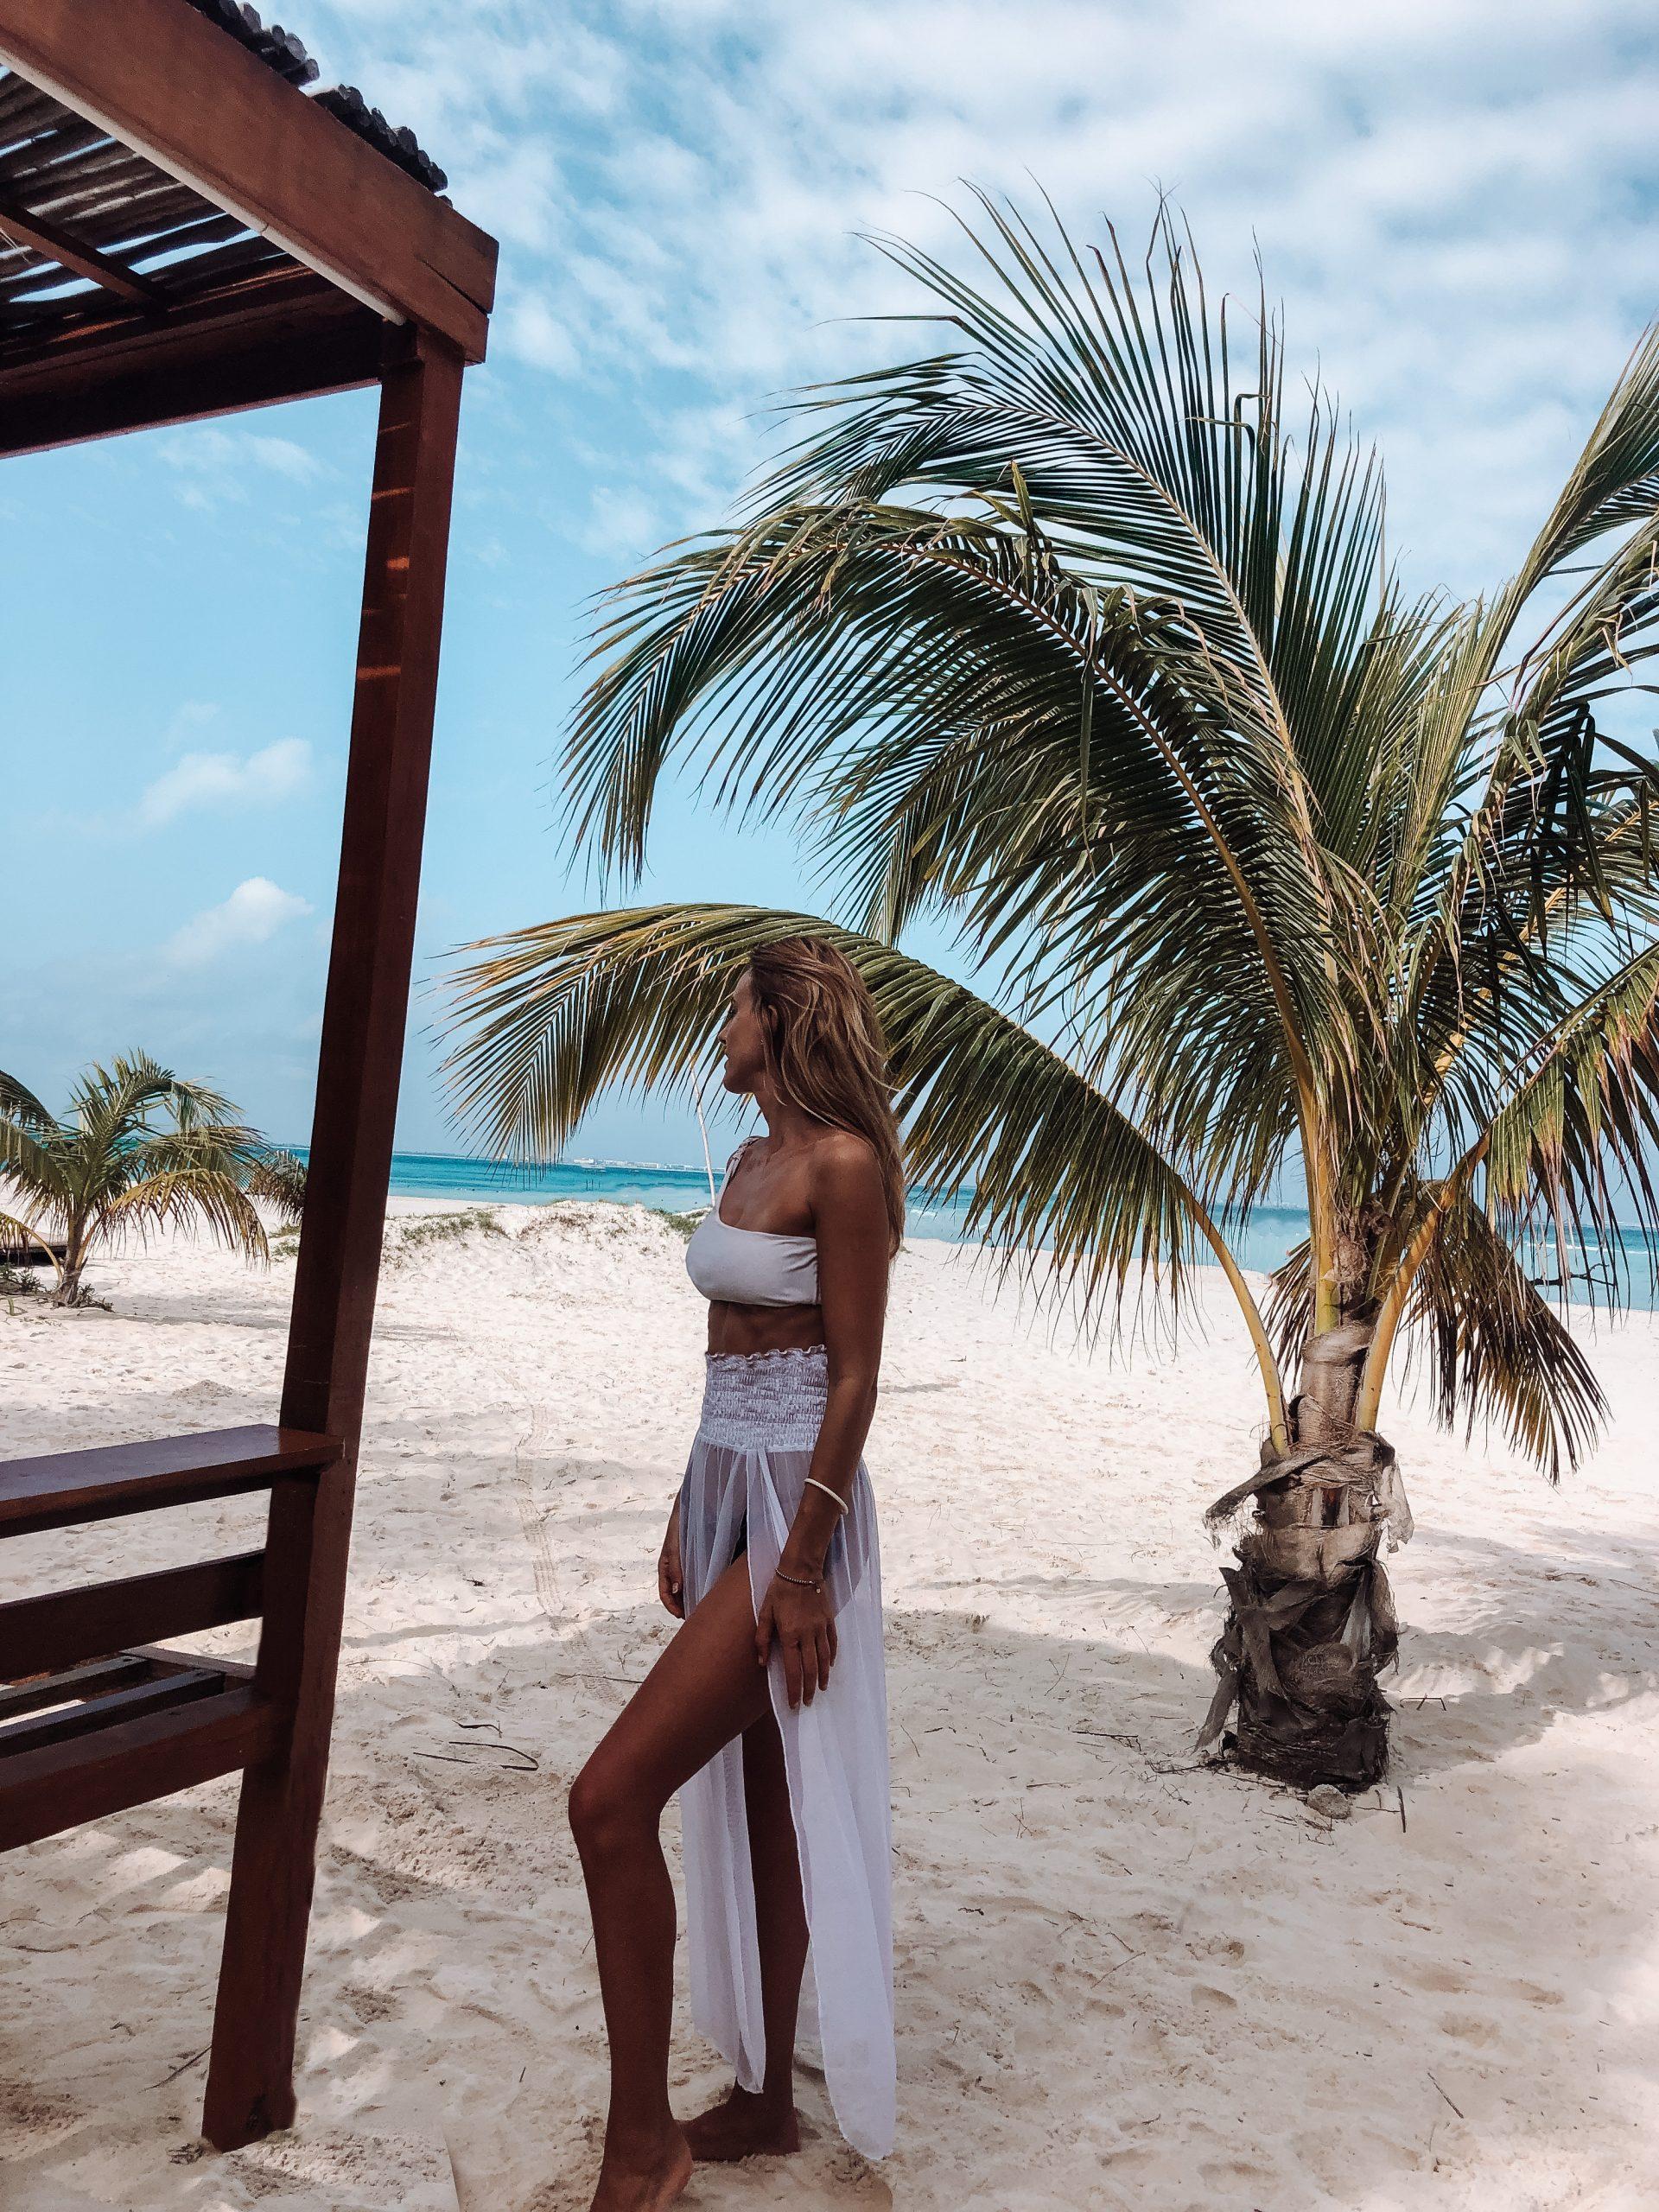 isla mujeres plage rêve